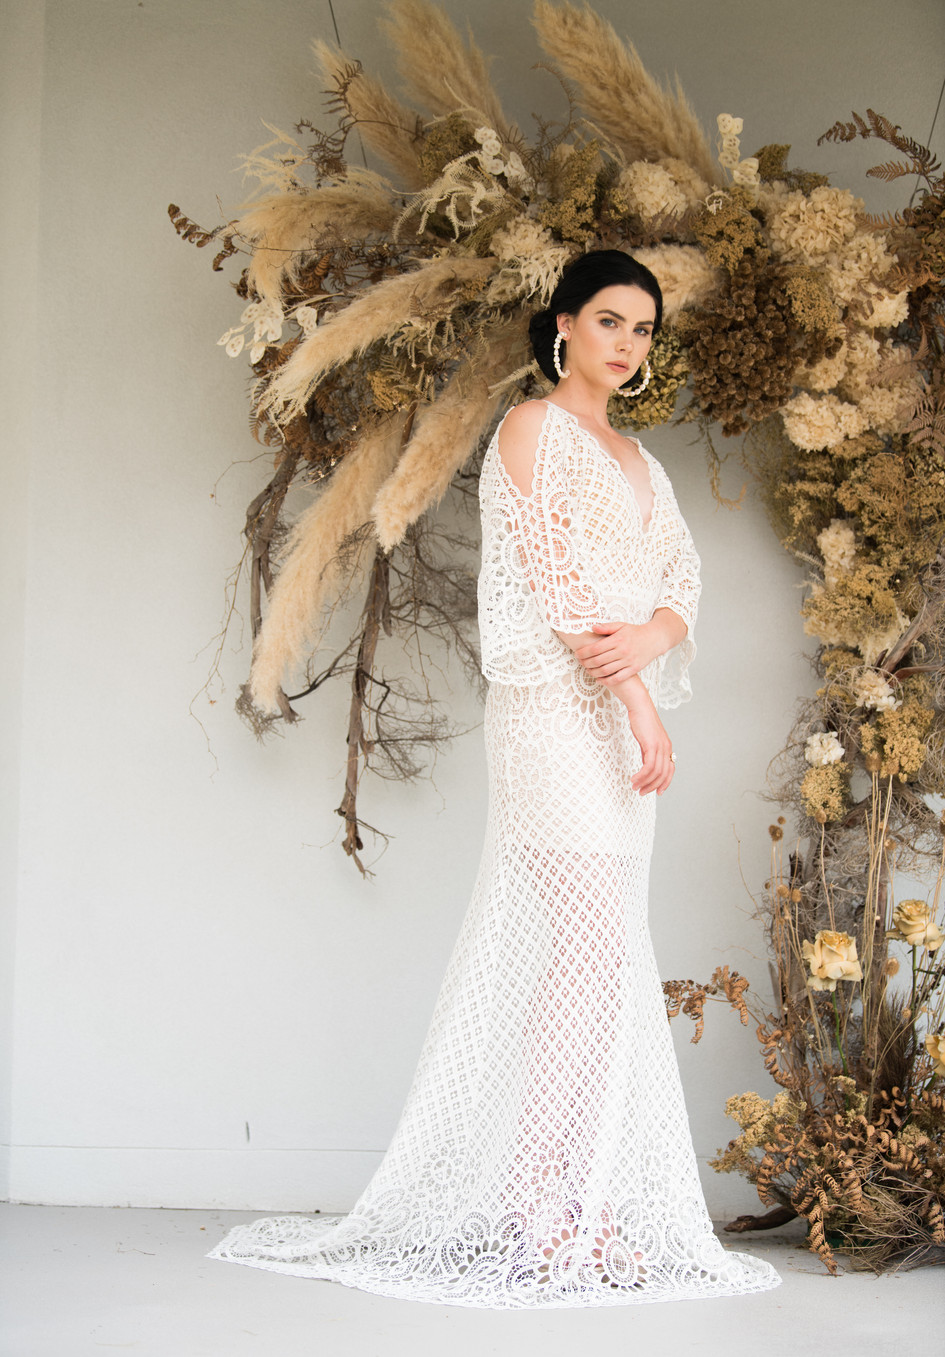 Scenic Rim Bride_Ulyana Aster (3 of 45).